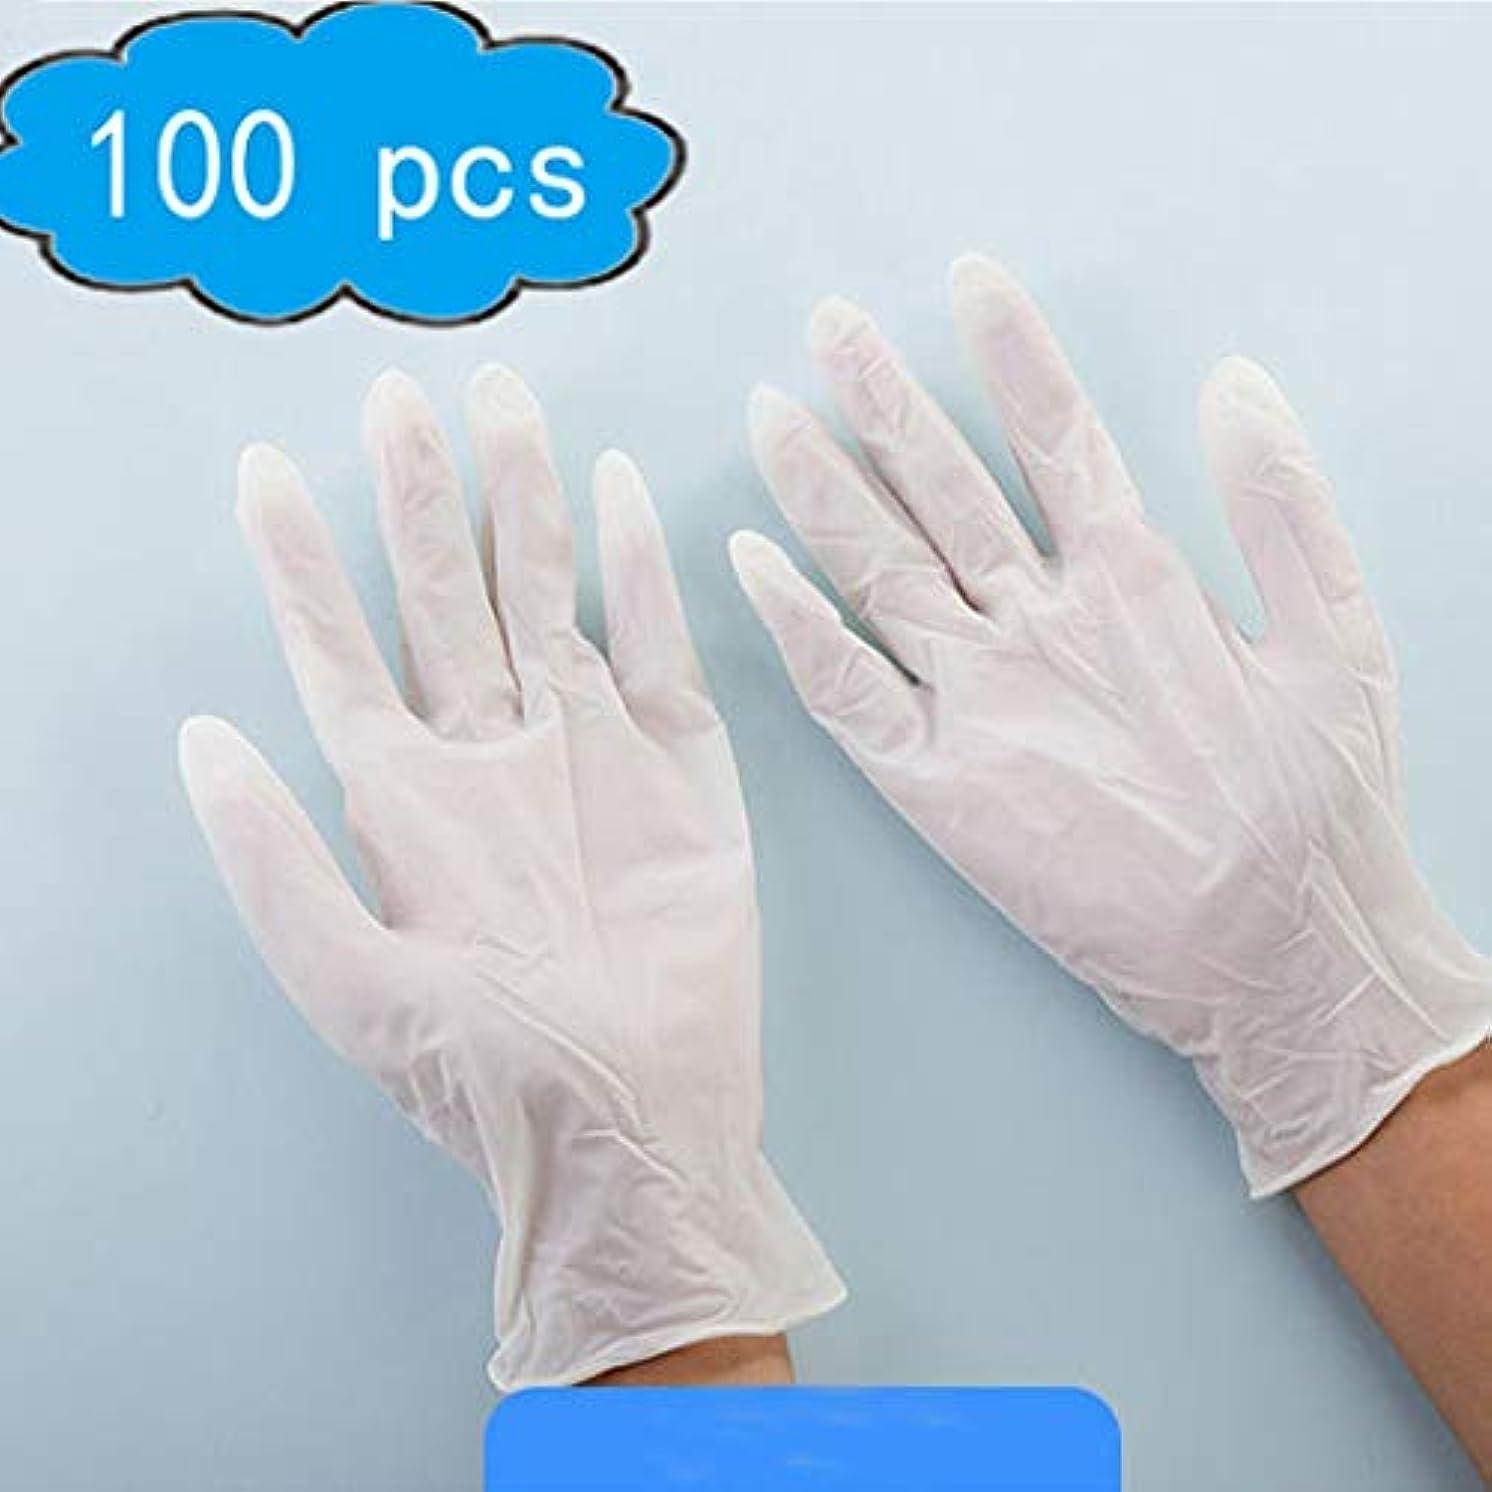 プライバシーそばに真似る使い捨て手袋、厚手版、白い粉のない使い捨てニトリル手袋[100パック] - 大、サニタリー手袋、応急処置用品 (Color : White, Size : S)